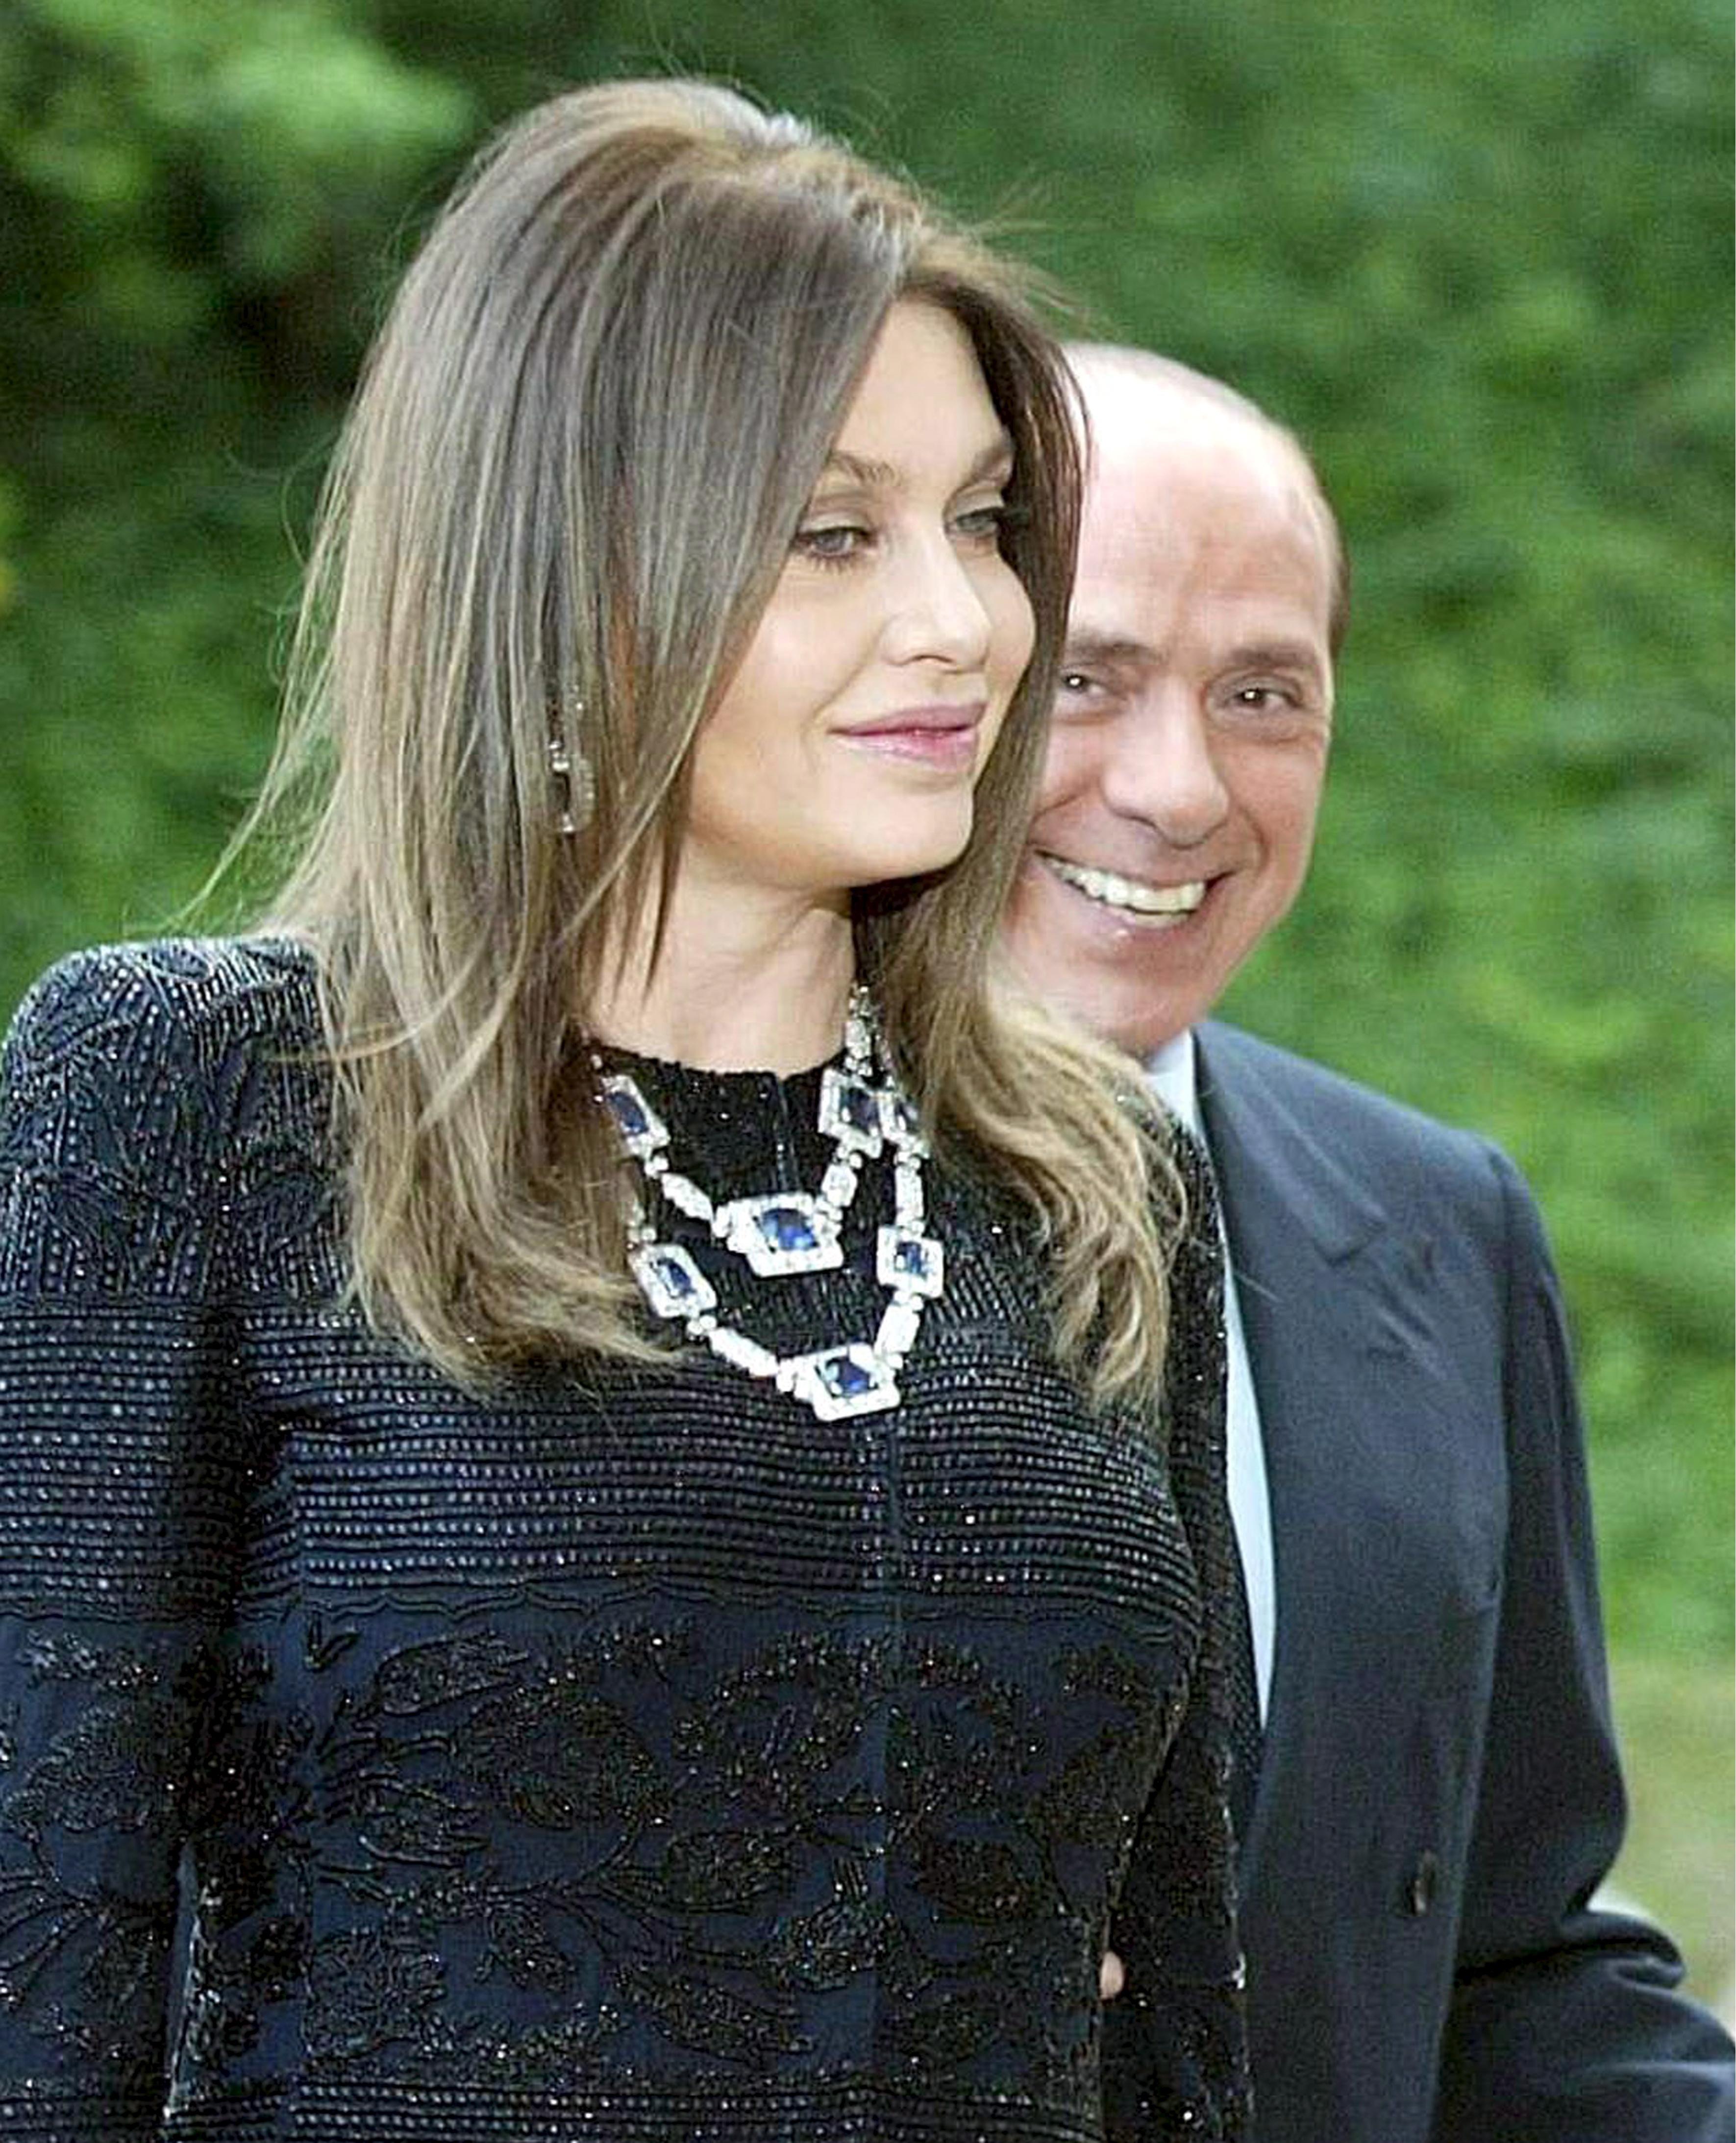 Fosta soție a lui Silvio Berlusconi trebuie să-i înapoieze 60 de milioane de euro